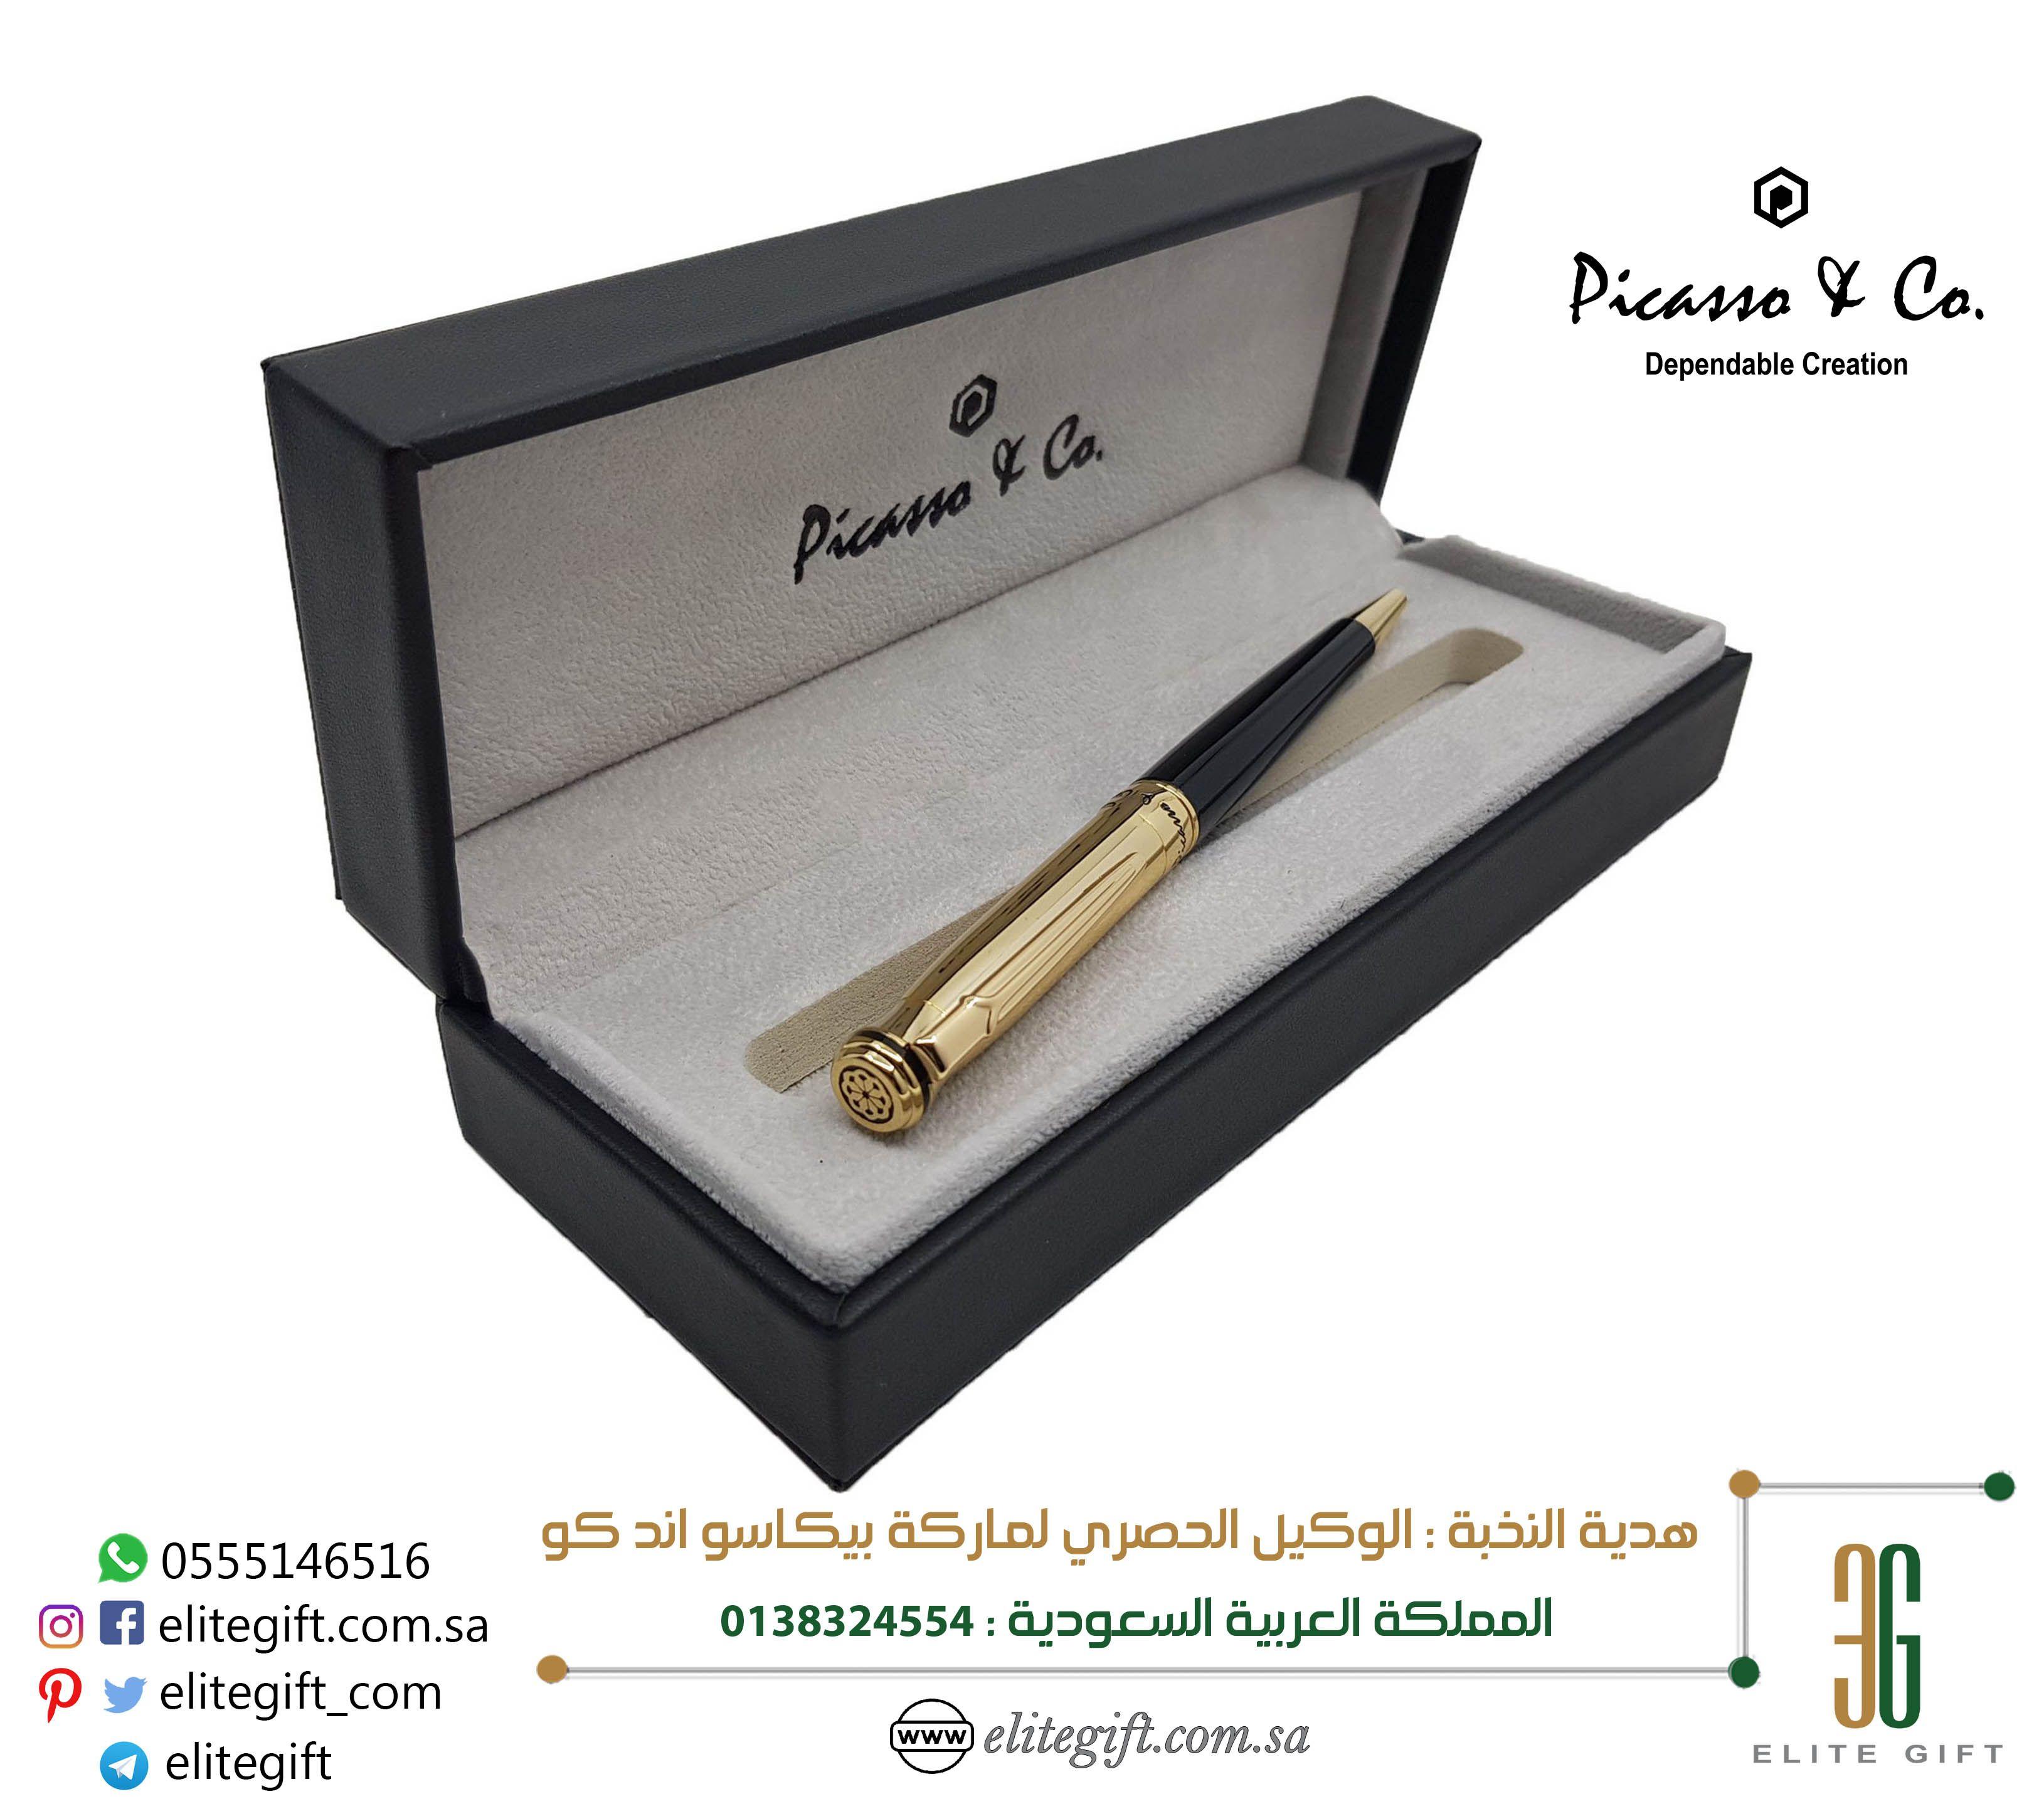 Picasso And Co Pens Model 903 Bg قلم حبر جاف شكل زهرة الملك السويدية لون اسود وذهبي لامع خط مميز بحجم 0 5 ملم يأتي مع علبة جلد Writing Instruments Gifts